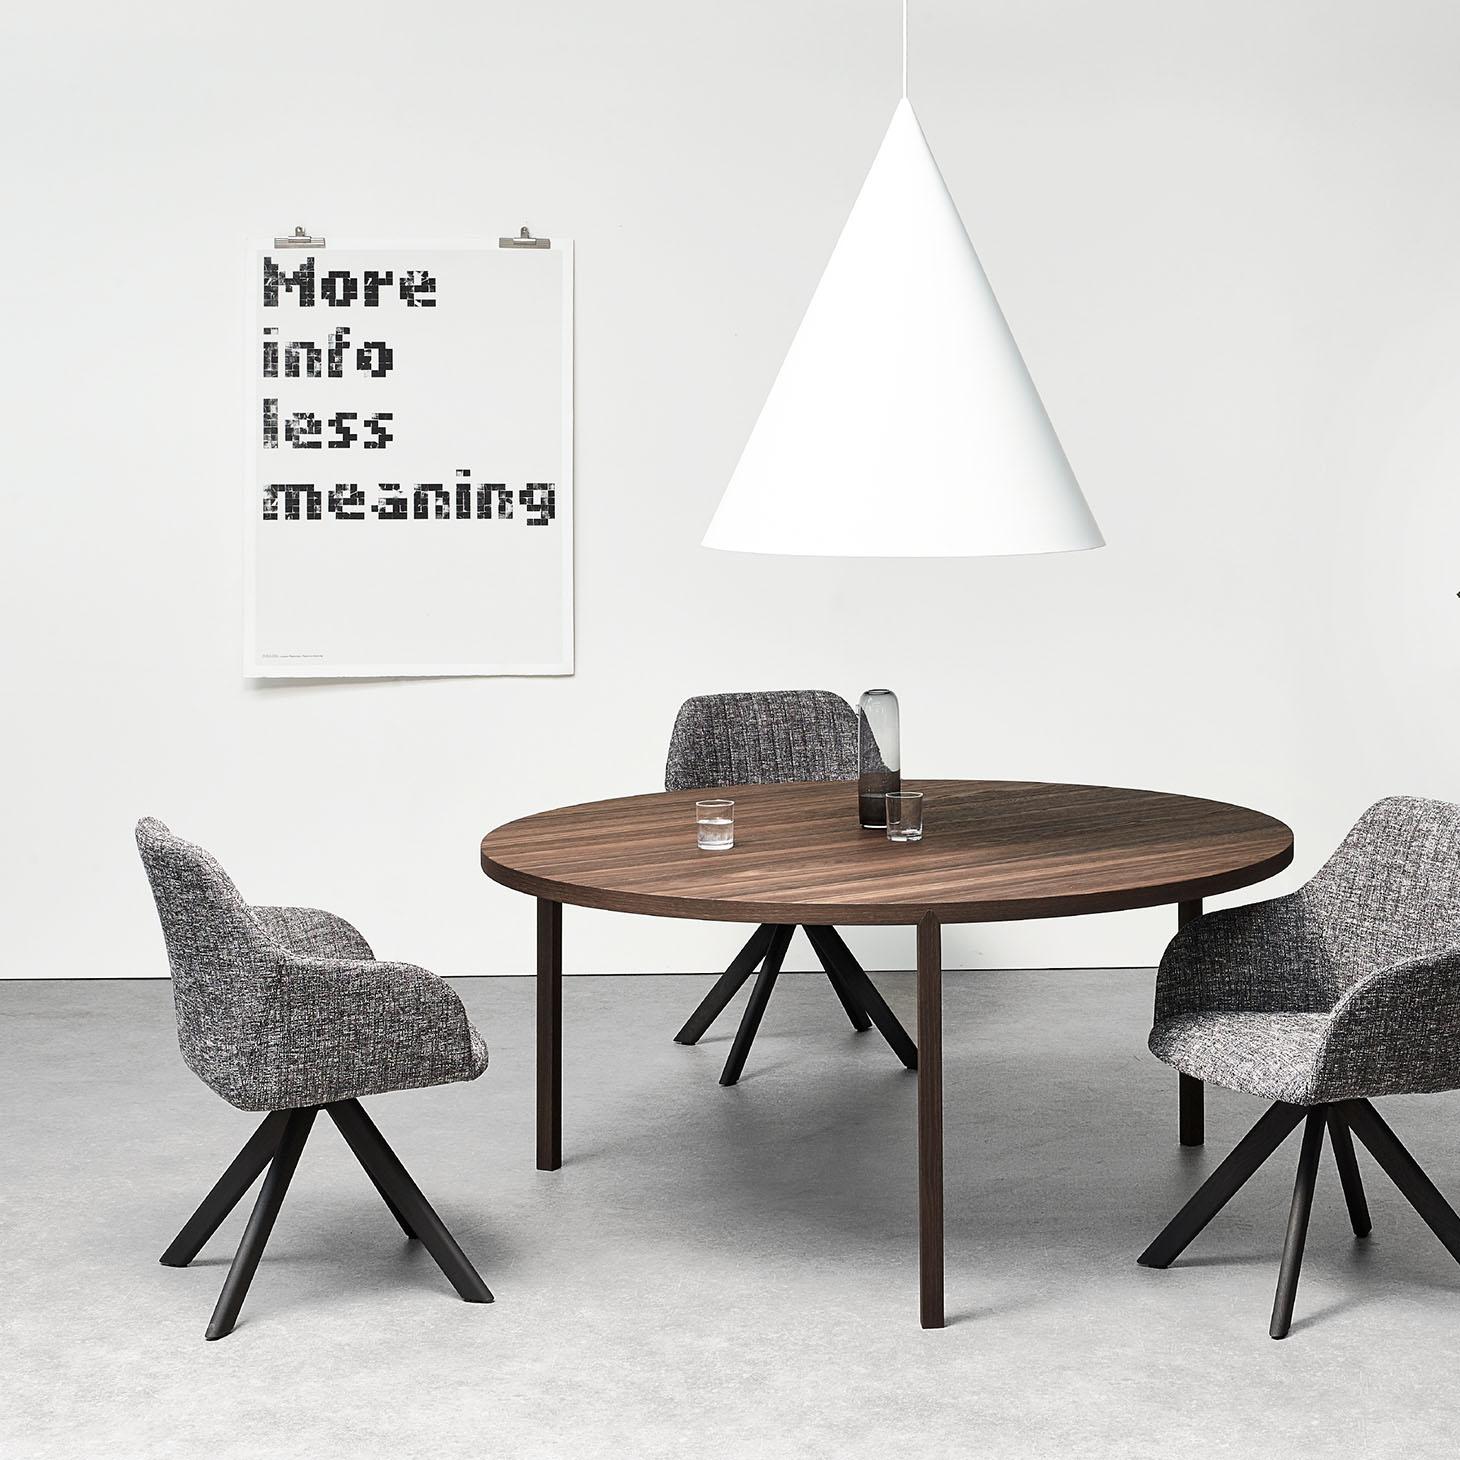 Slim+ Round Table Installation Shot